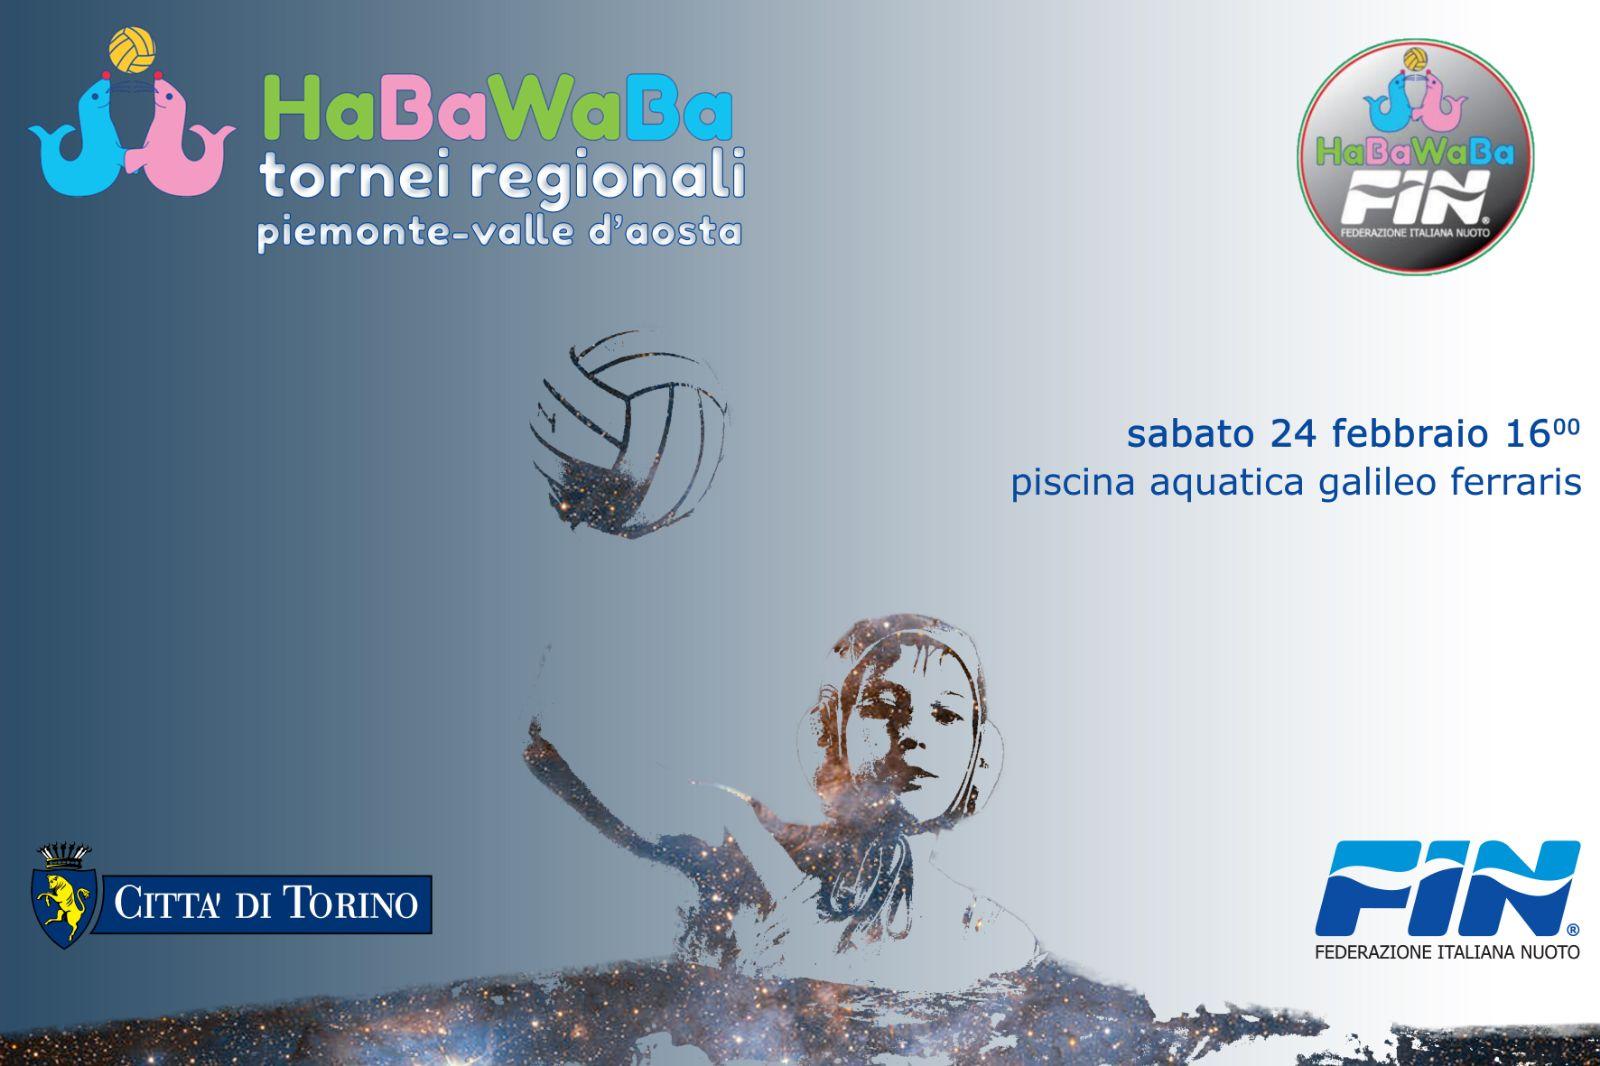 Tornei Fin – HaBaWaBa: al via la regione Piemonte